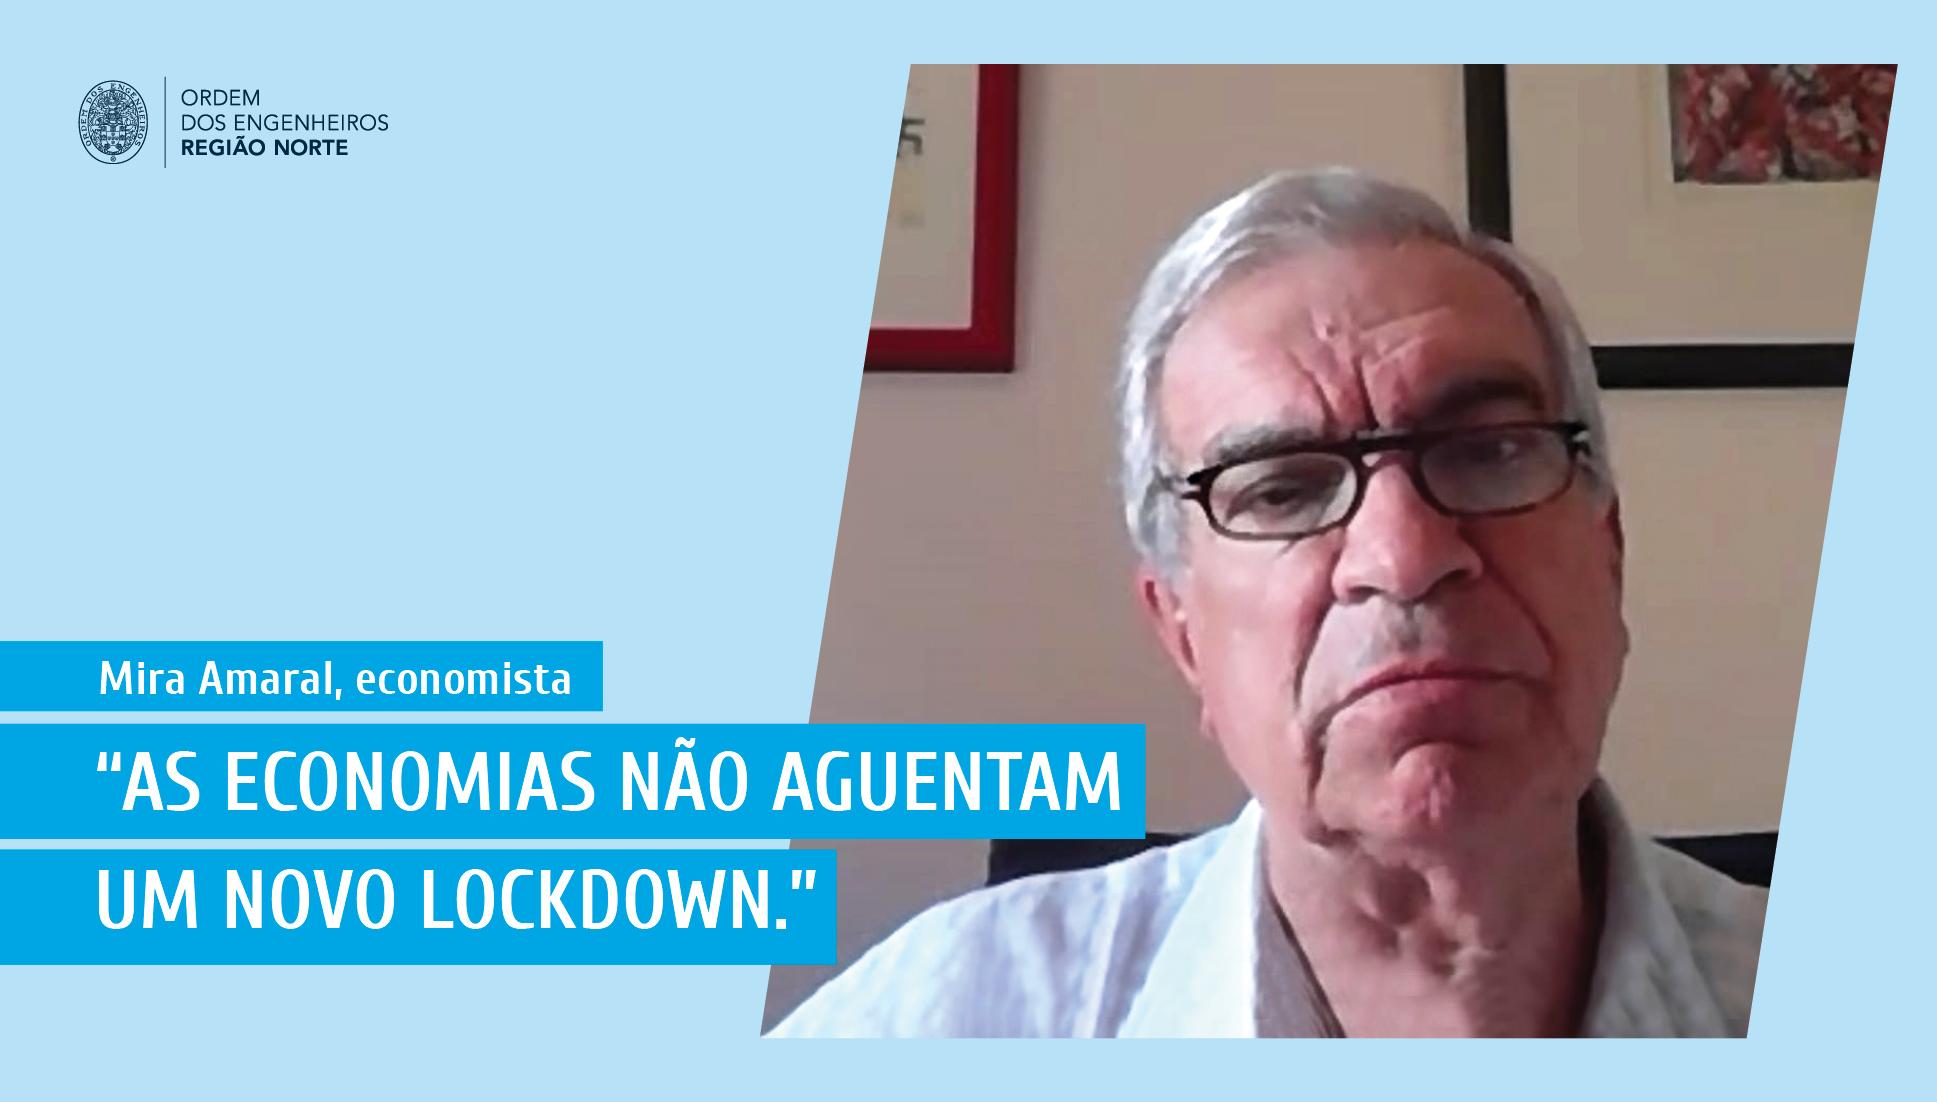 Plataforma Notícias Ordem Engenheiros Região Norte - (Com Vídeo) Mira Amaral: a economia, o futuro e os engenheiros